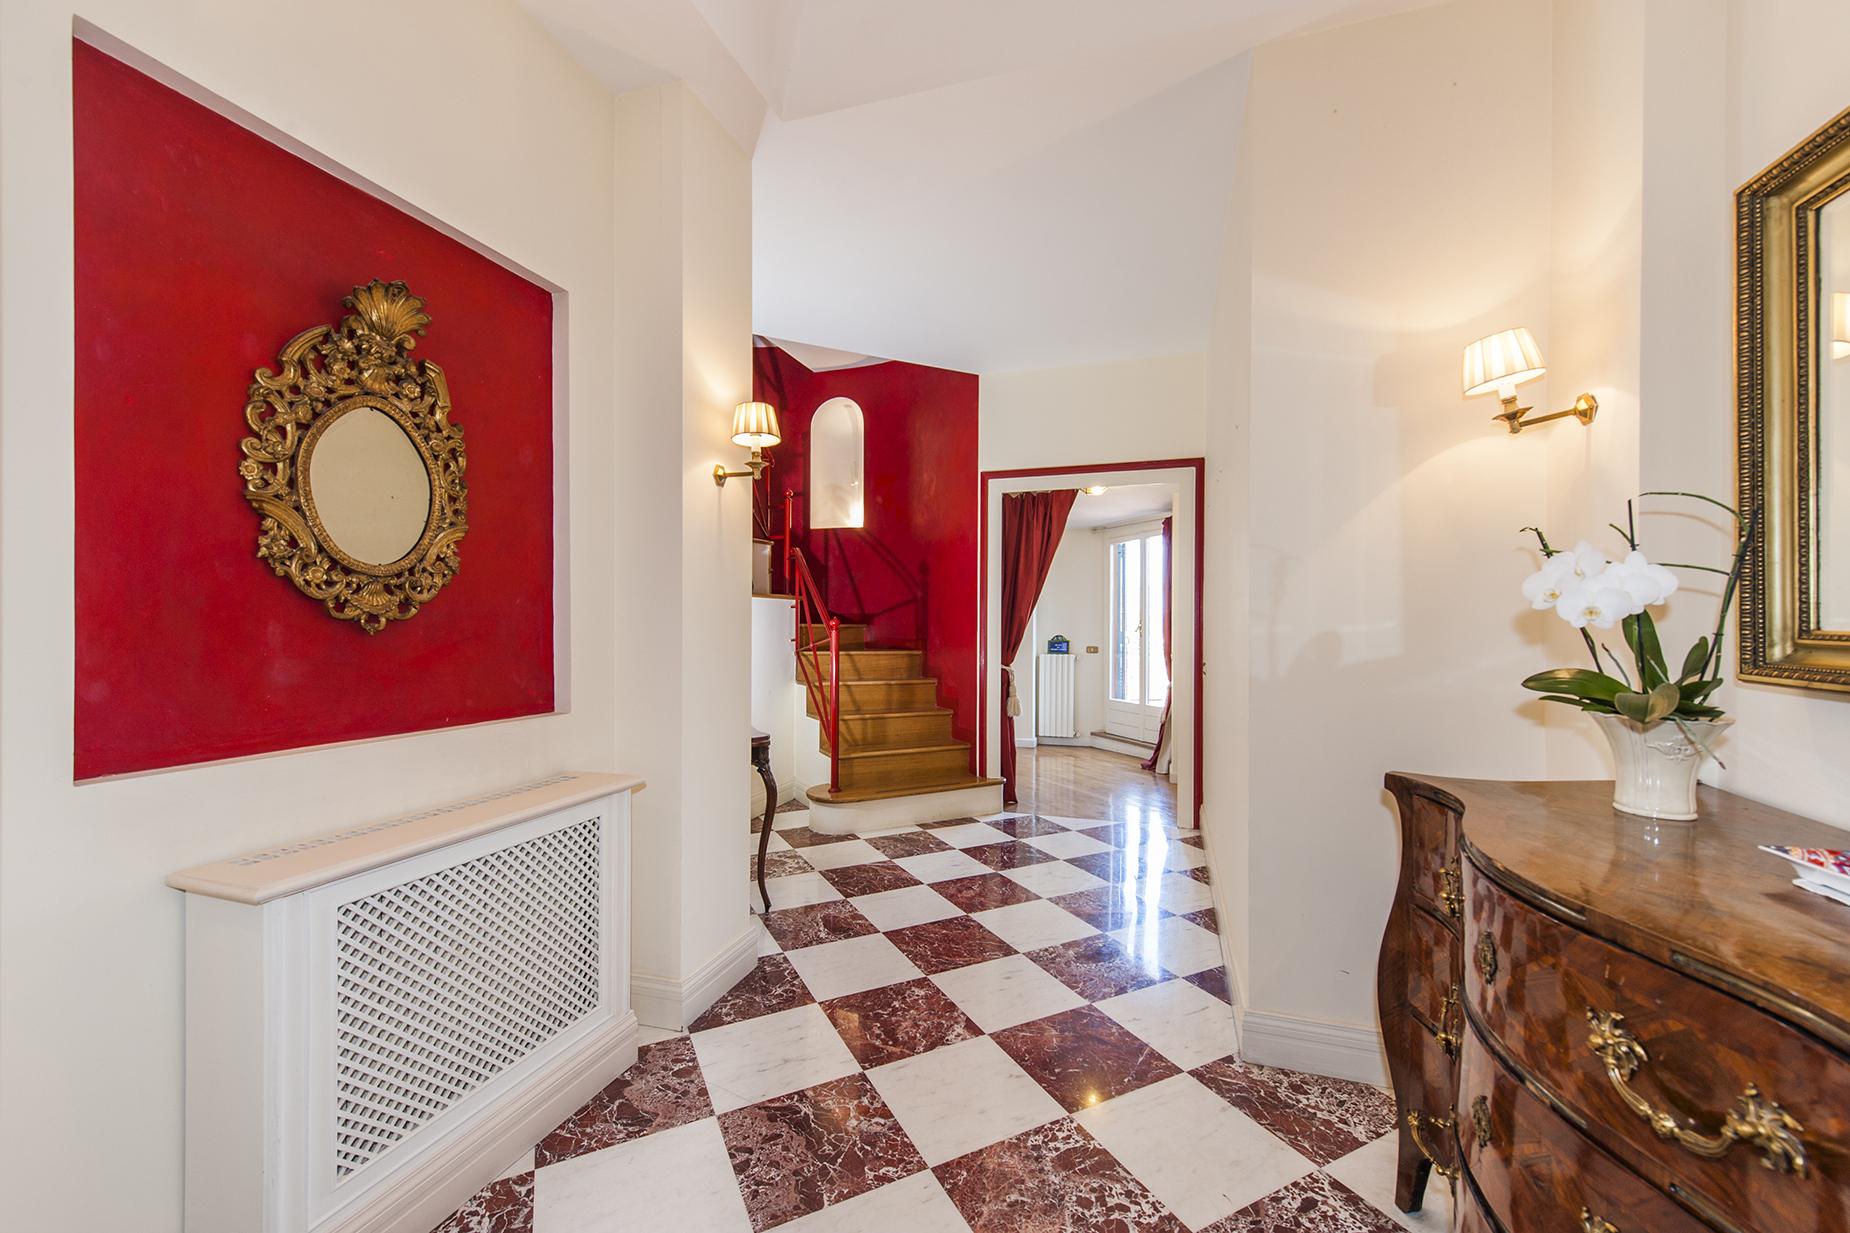 Attico di lusso in affitto a roma via giovanni paisiello for Studio affitto roma